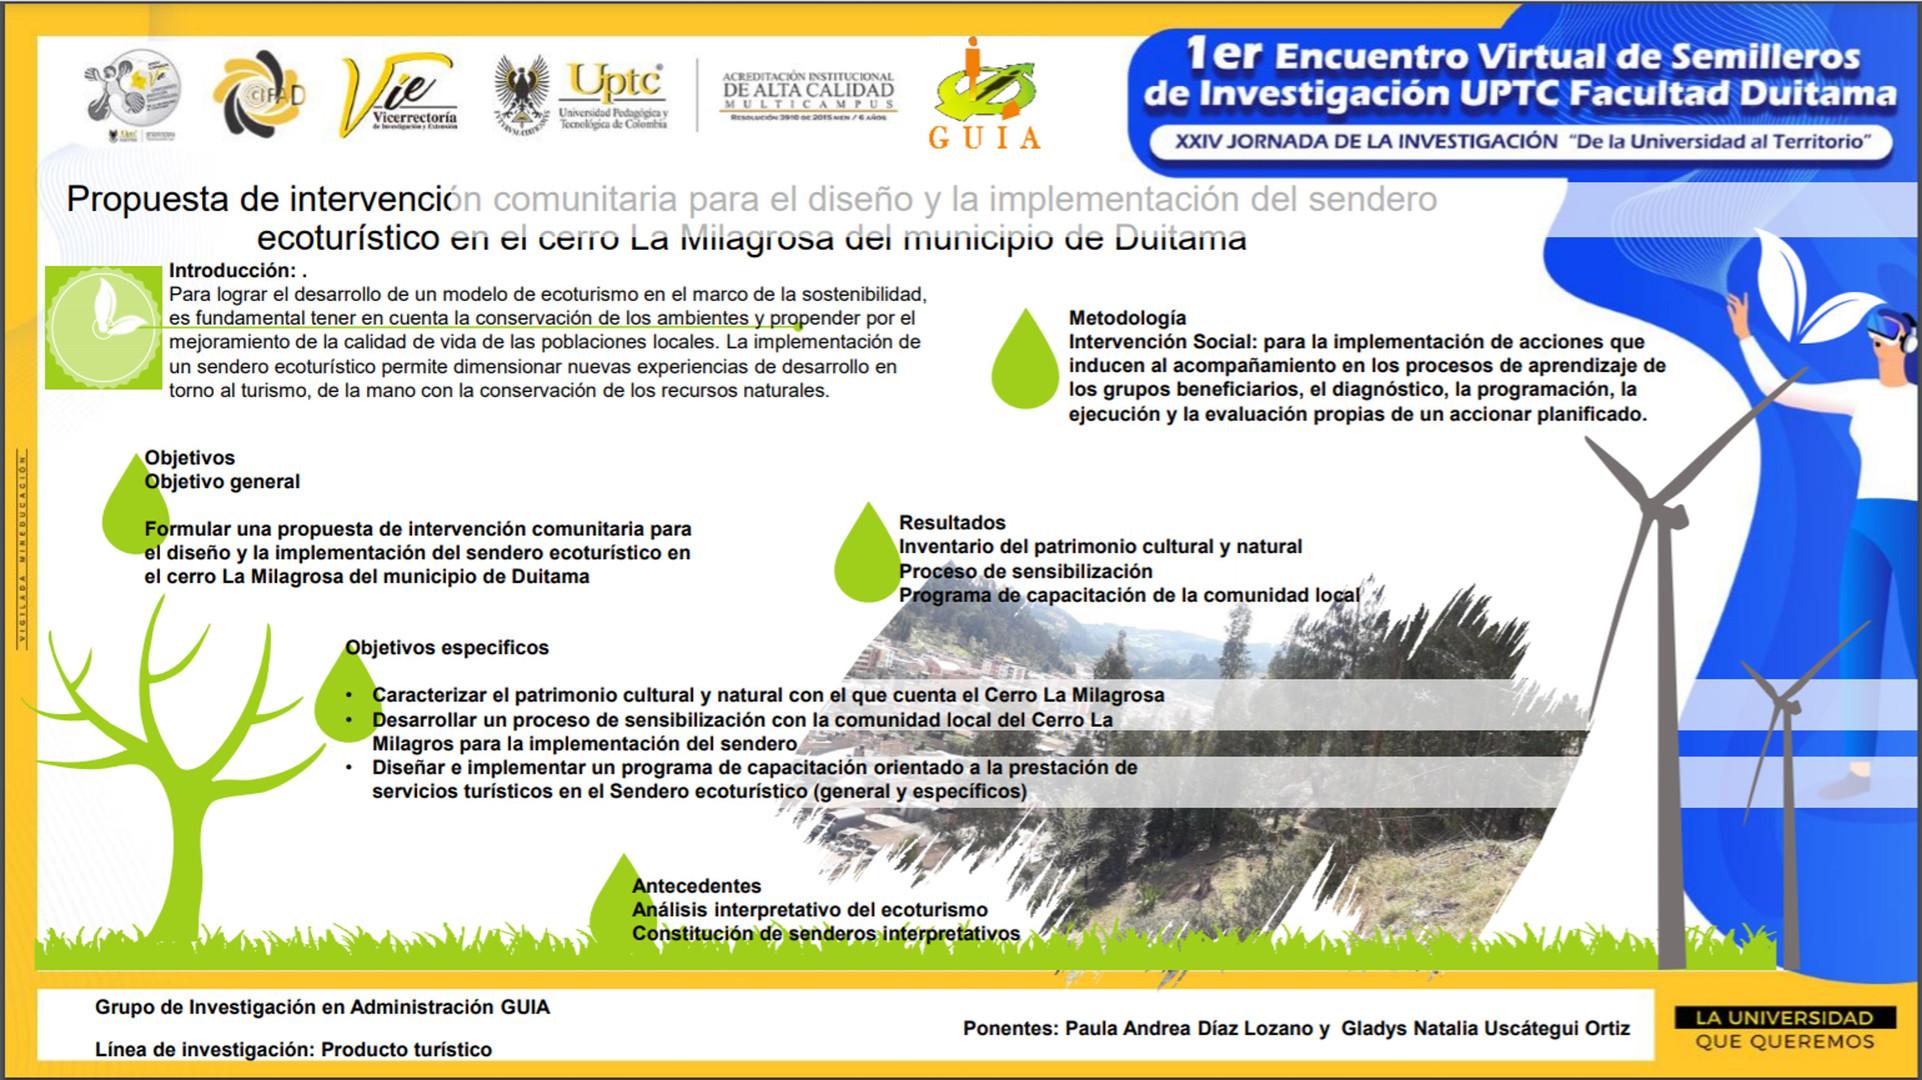 Propuesta de intervención comunitaria para el diseño y la implementación del sendero ecoturístico en el cerro La Milagrosa del municipio de Duitama